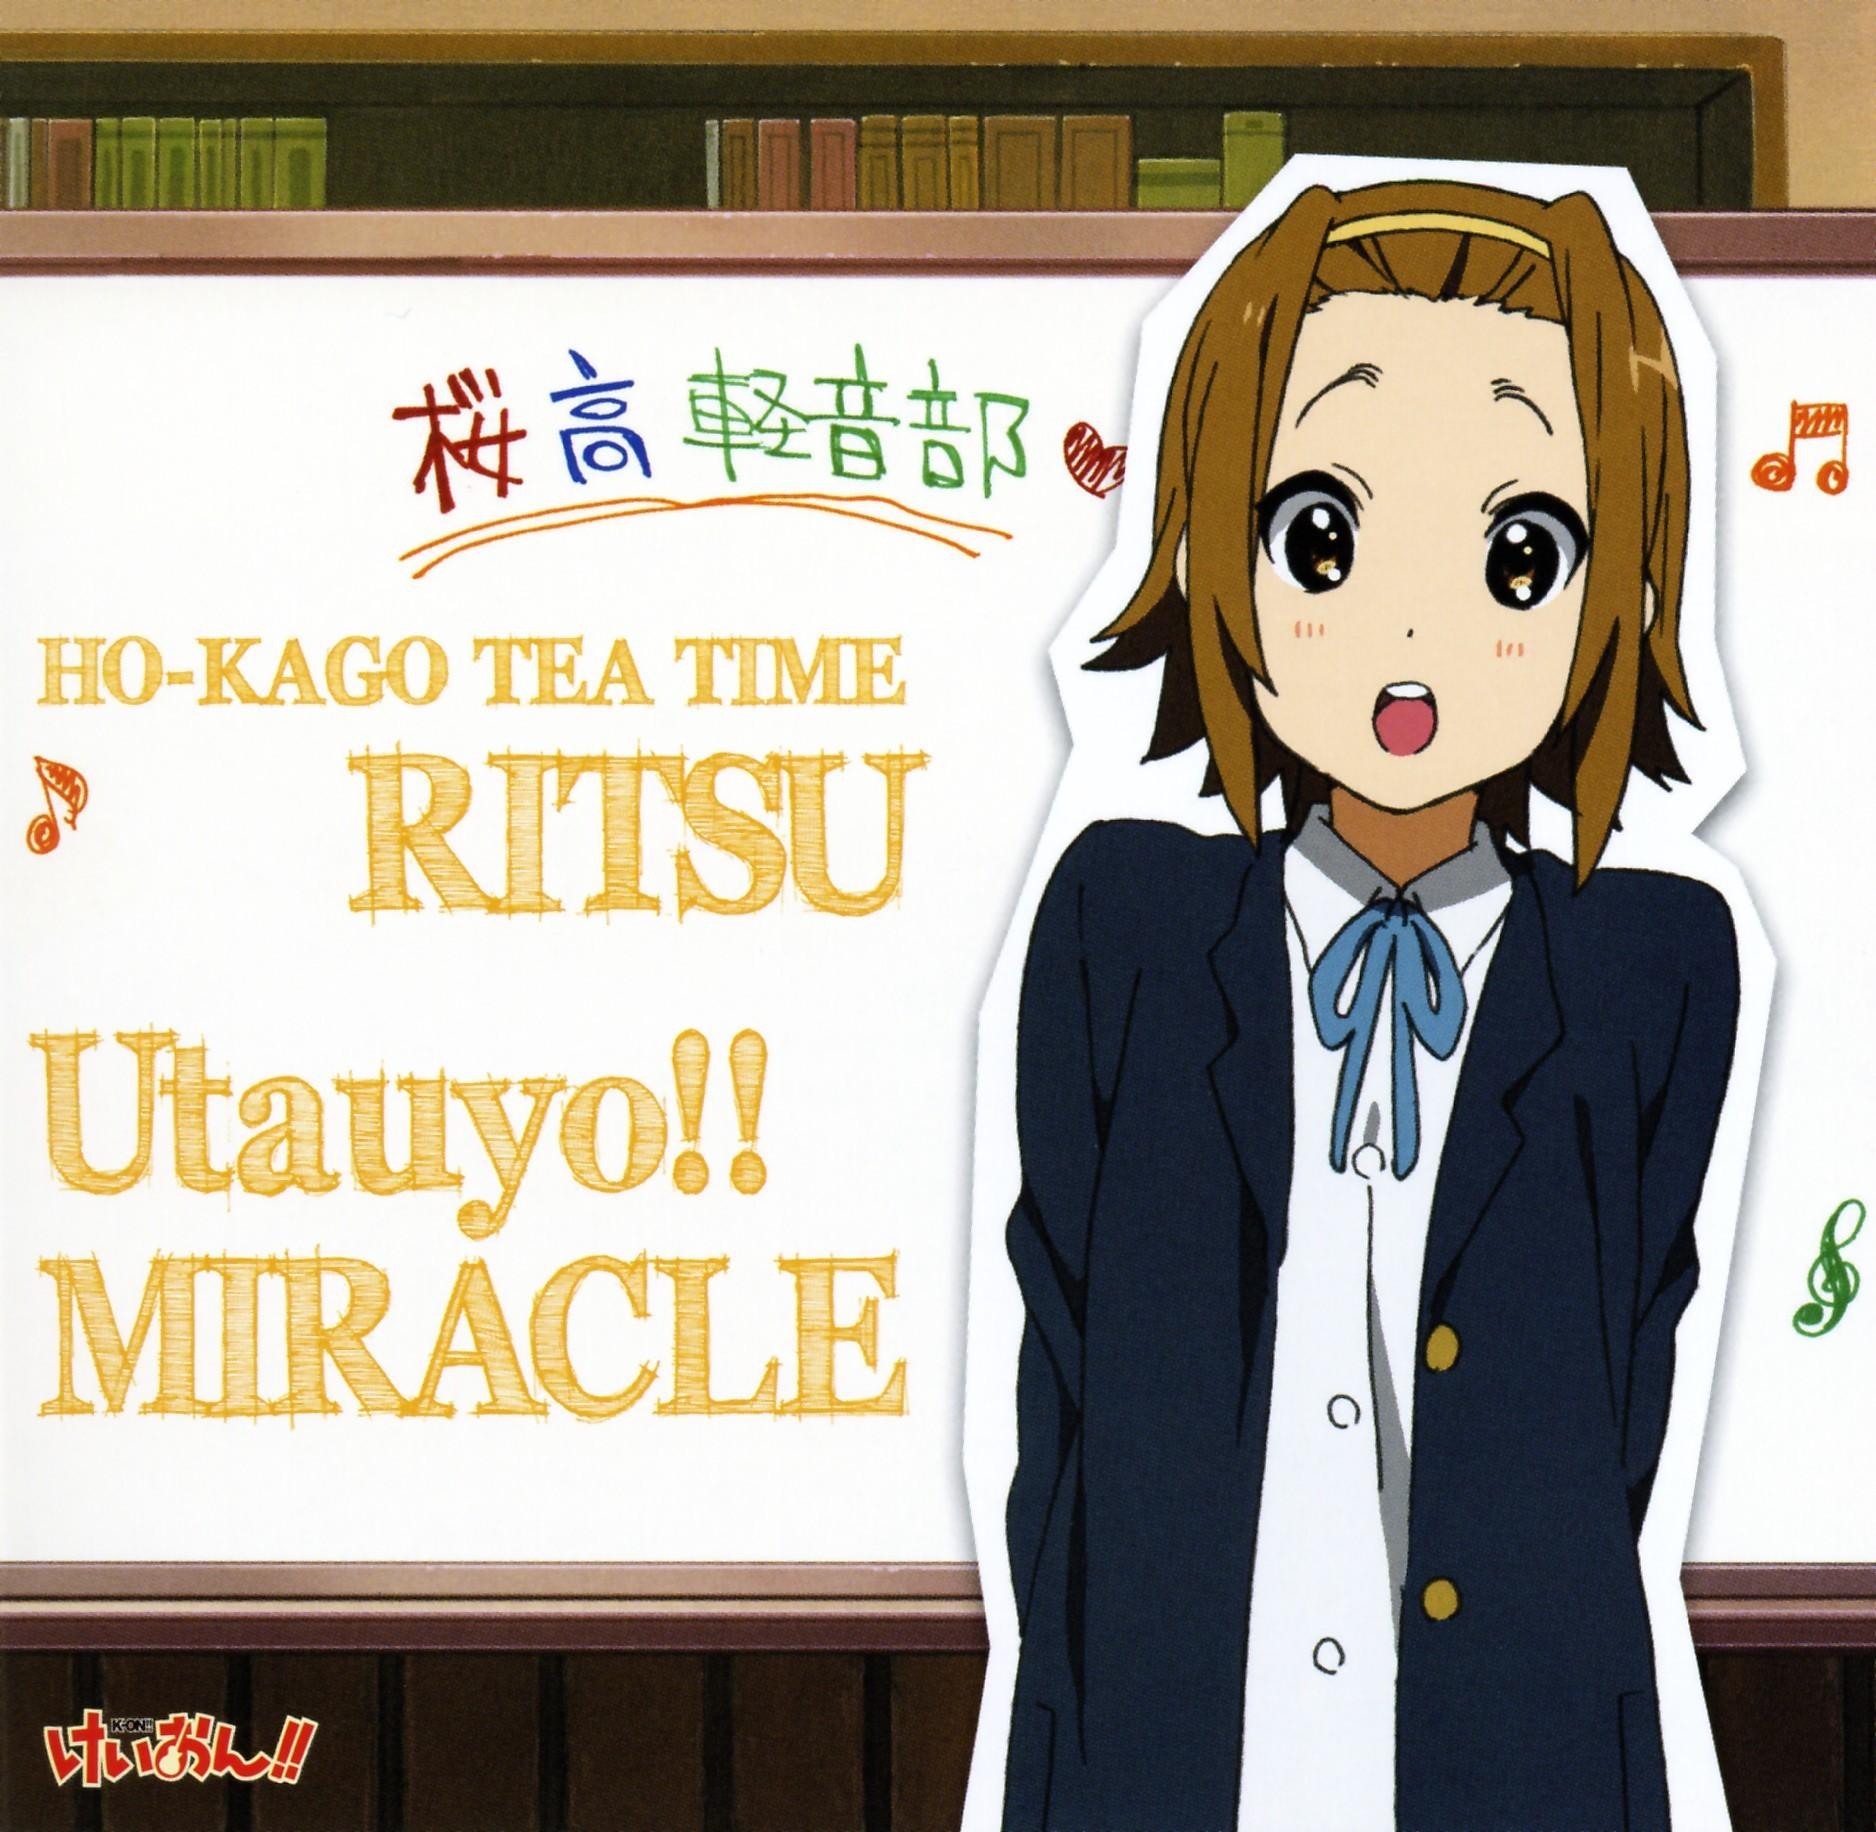 Utauyo!!MIRACLE Ritsu